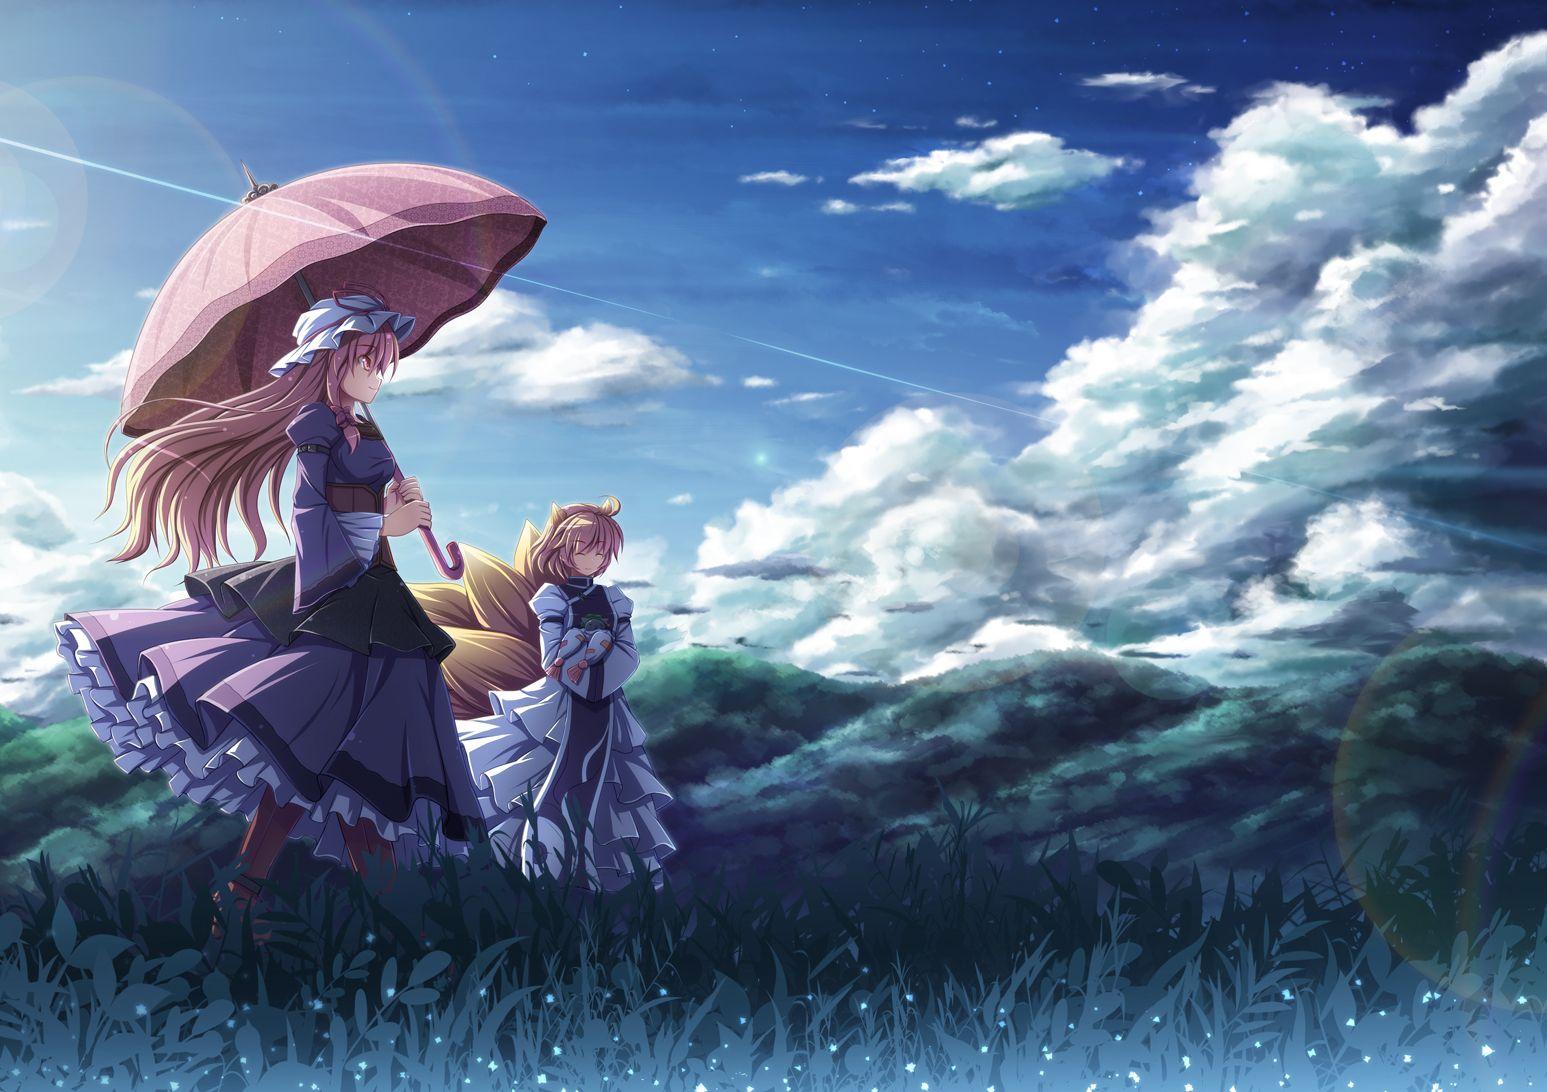 Windy weather. Yakumo, Anime, Anime images